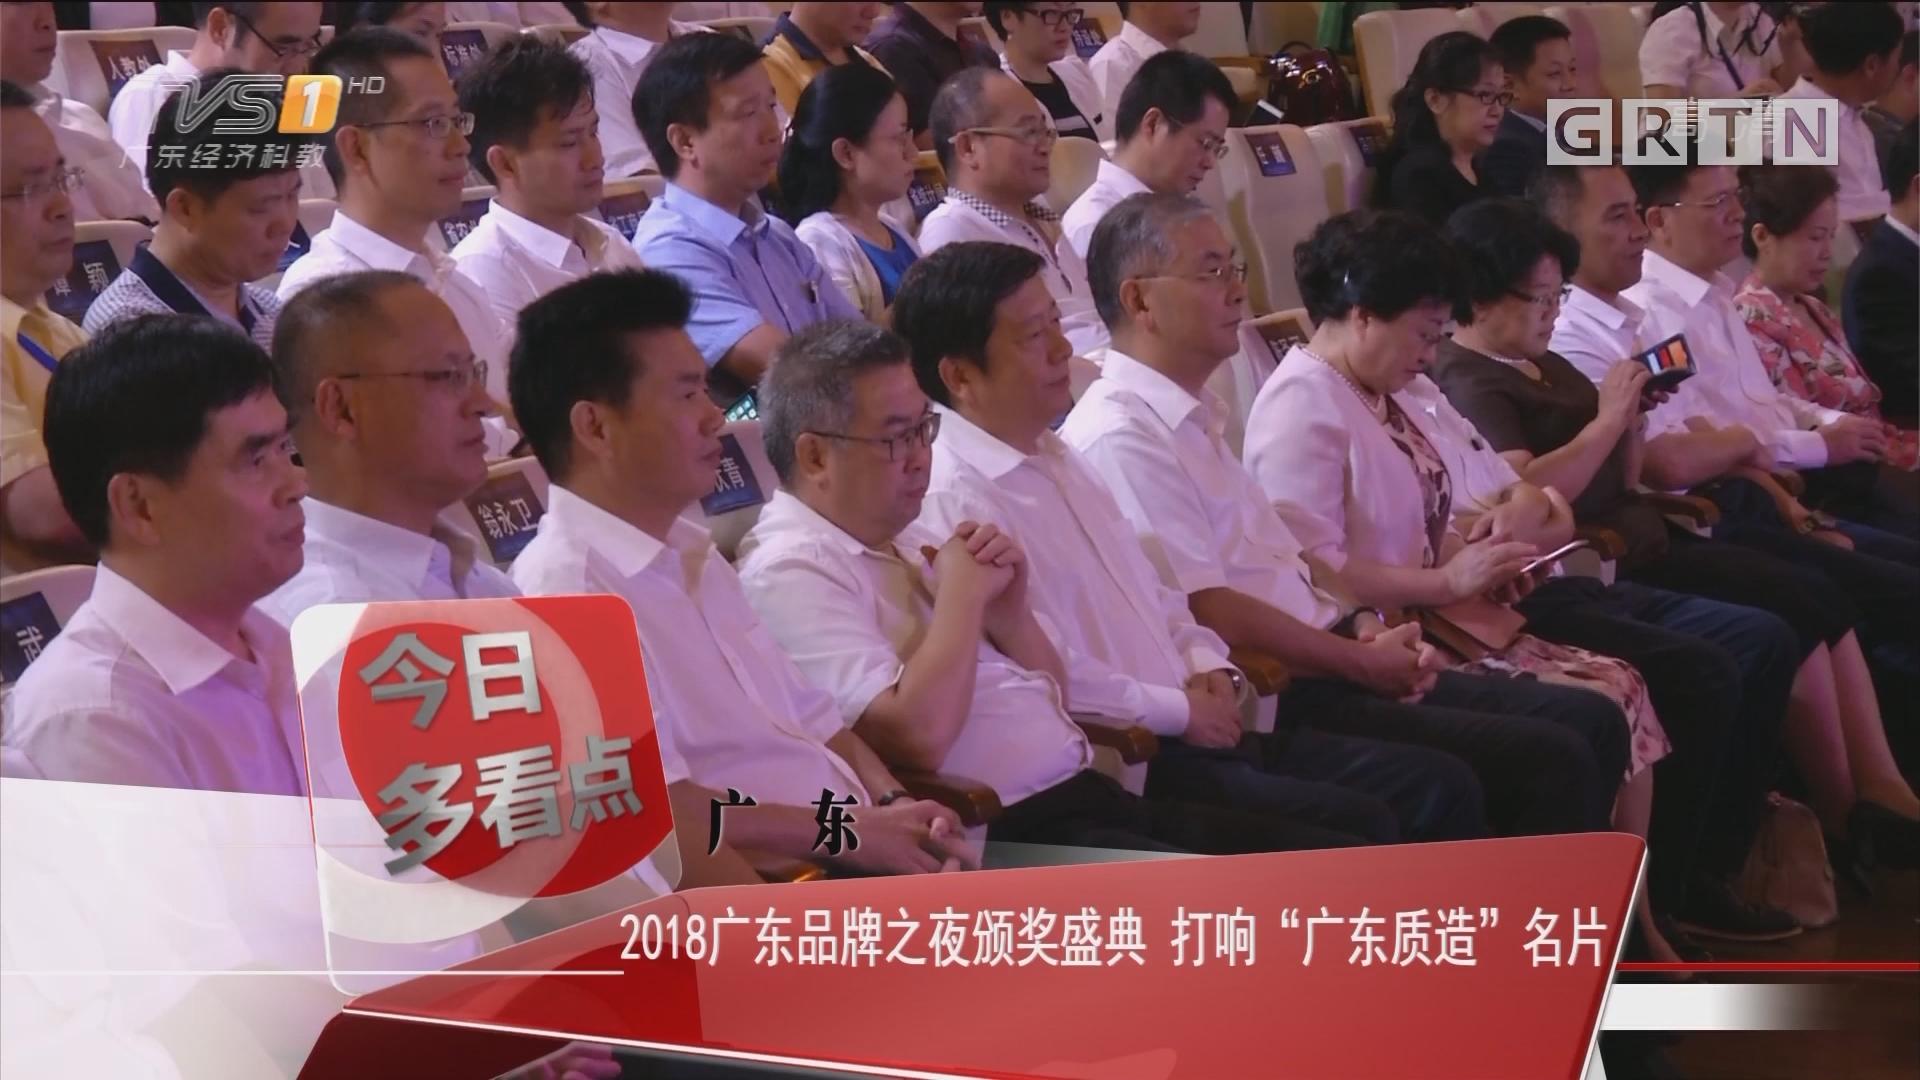 """广东:2018广东品牌之夜颁奖盛典 打响""""广东质造""""名片"""